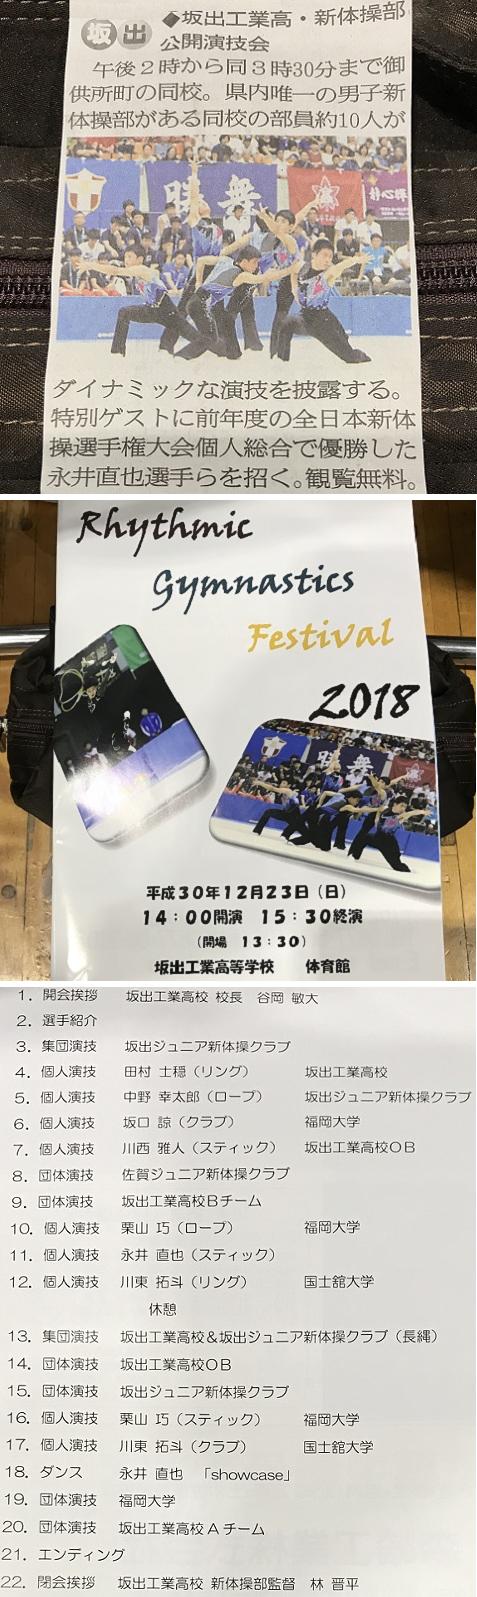 20181223新体操 1